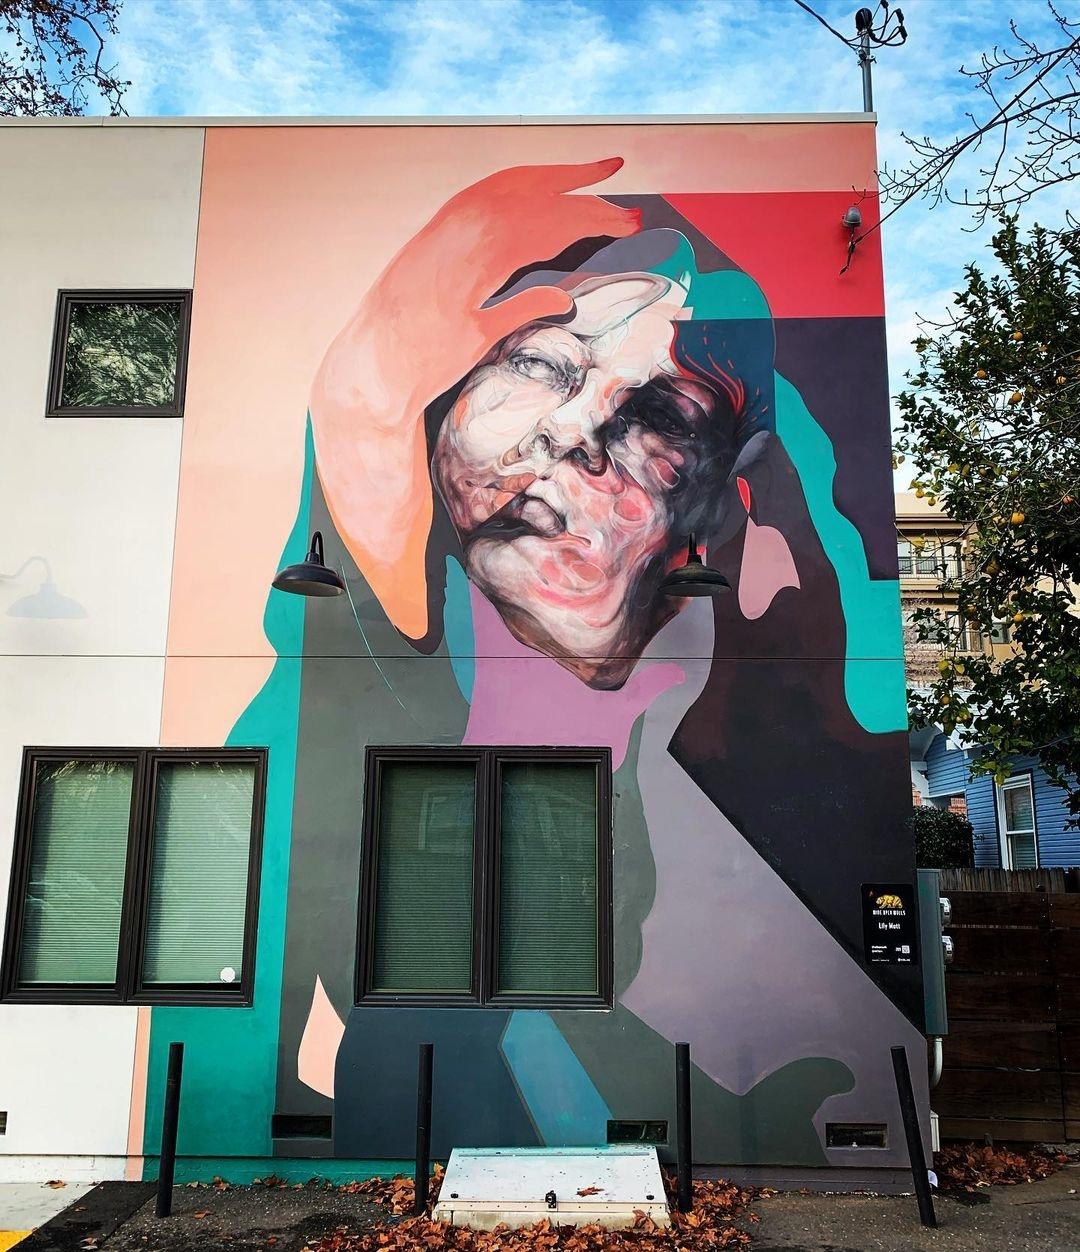 Mottwrx @ Sacramento, USA